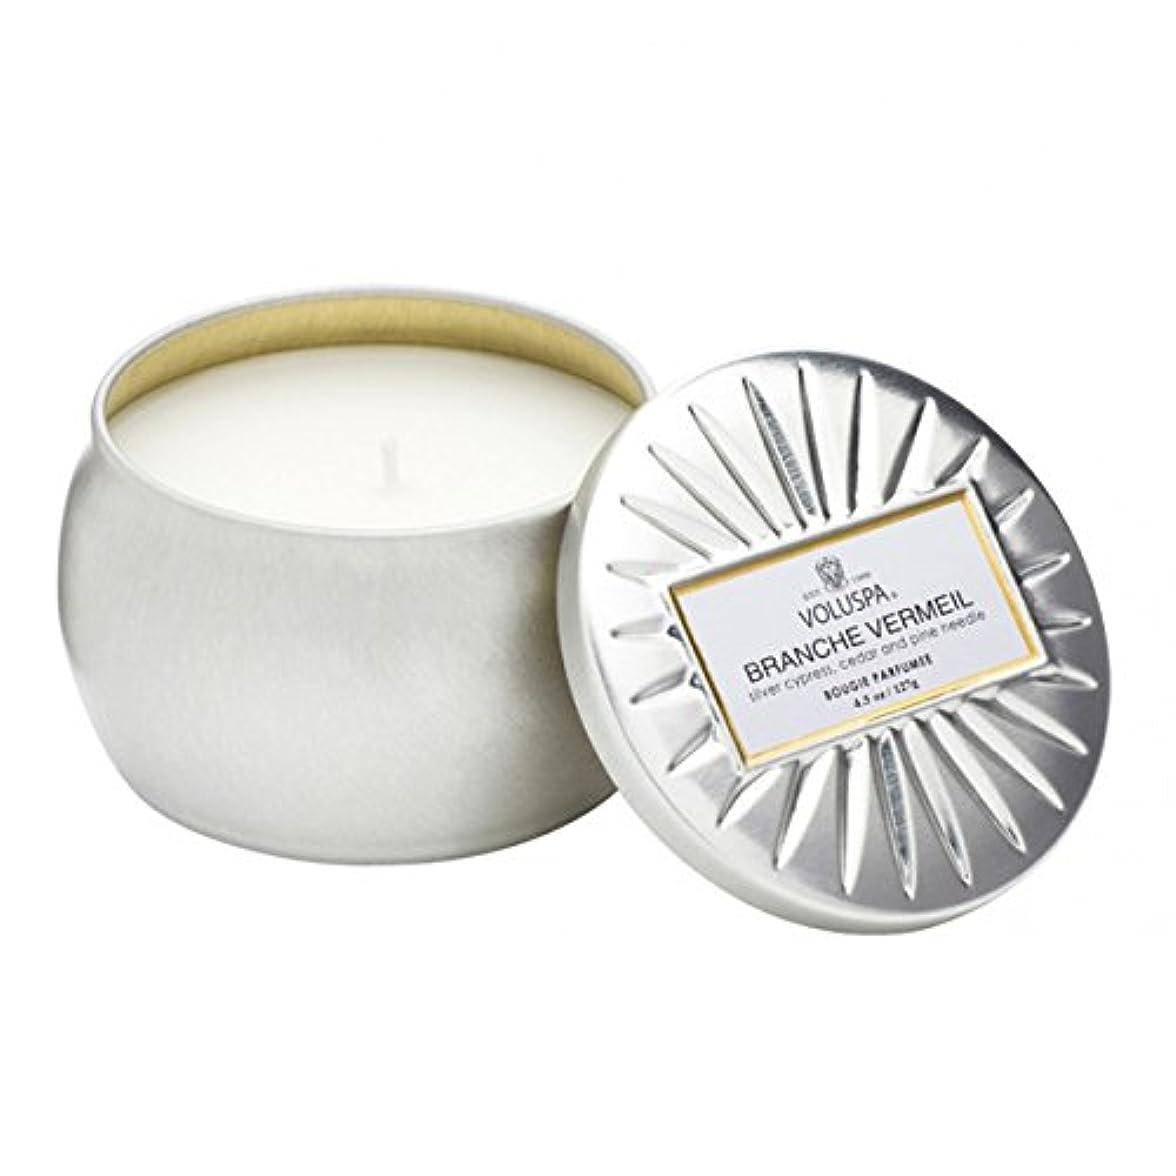 腹部靄イデオロギーVoluspa ボルスパ ヴァーメイル ティンキャンドル  S フ?ランチヴァーメイル BRANCHE VERMEIL VERMEIL PETITE Tin Glass Candle